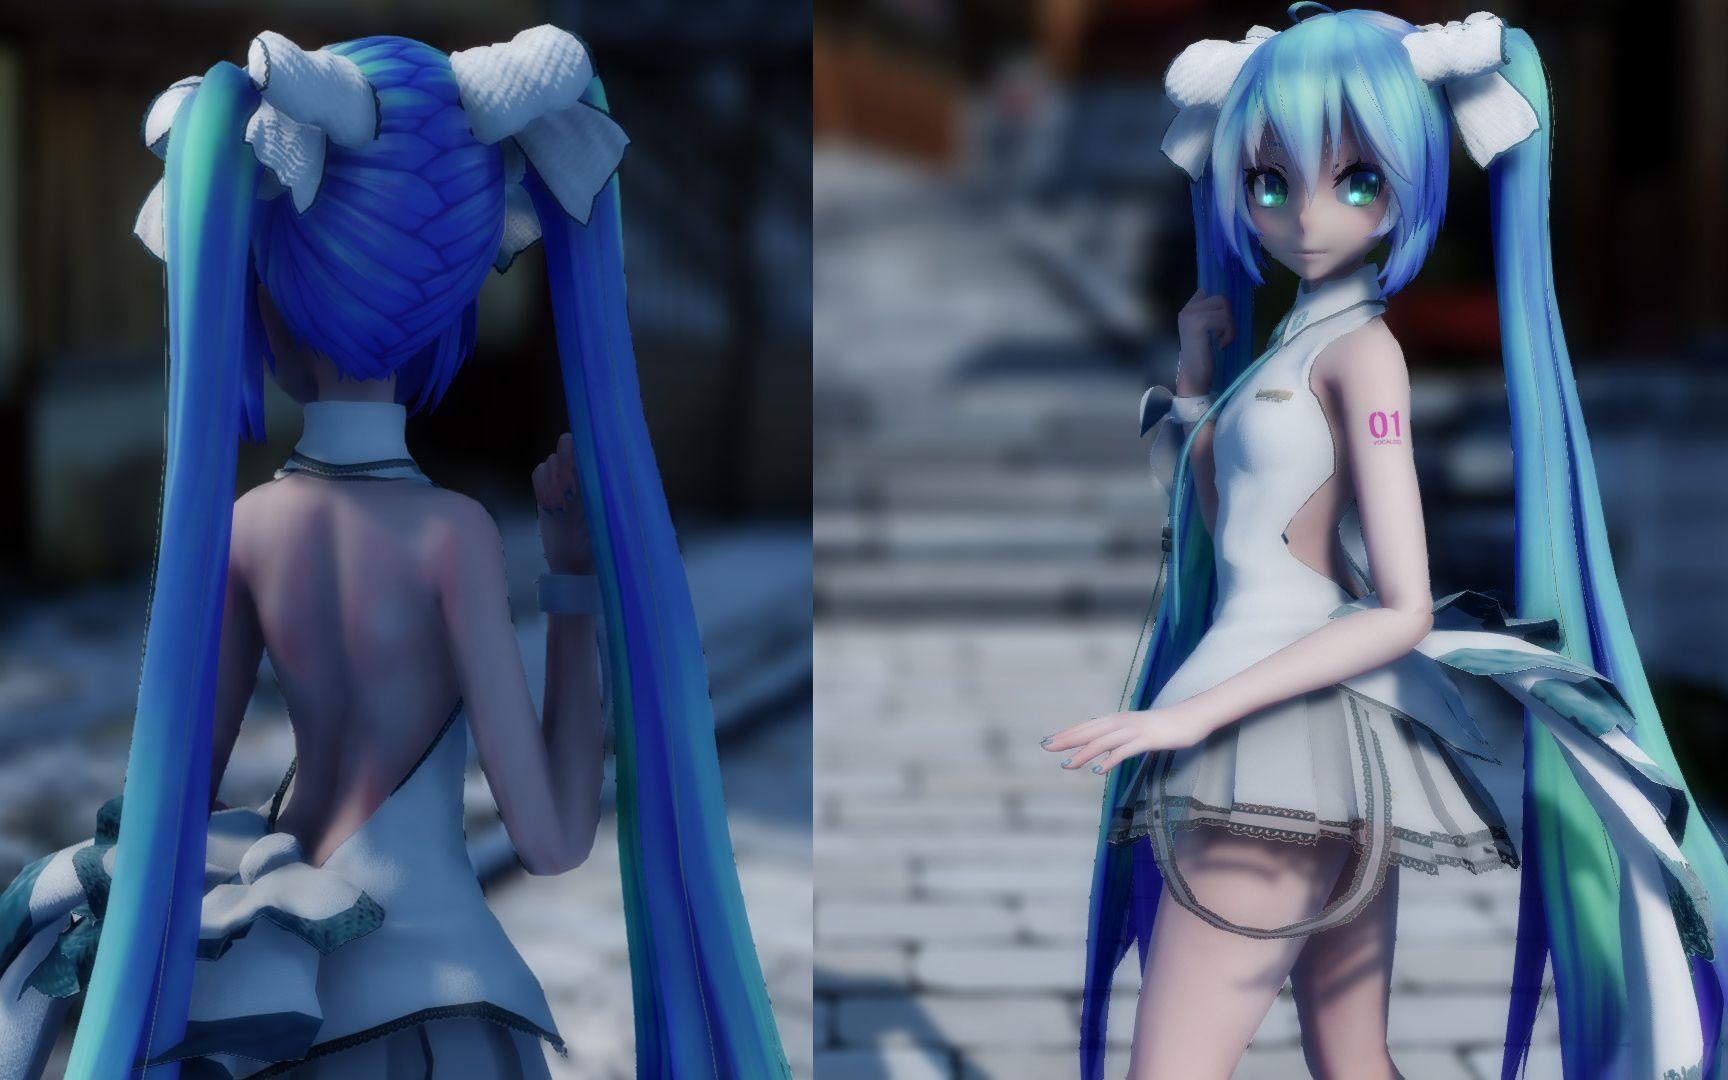 【超清1080P/MMD】两人的世界❀两人的未来『Twinkle World』